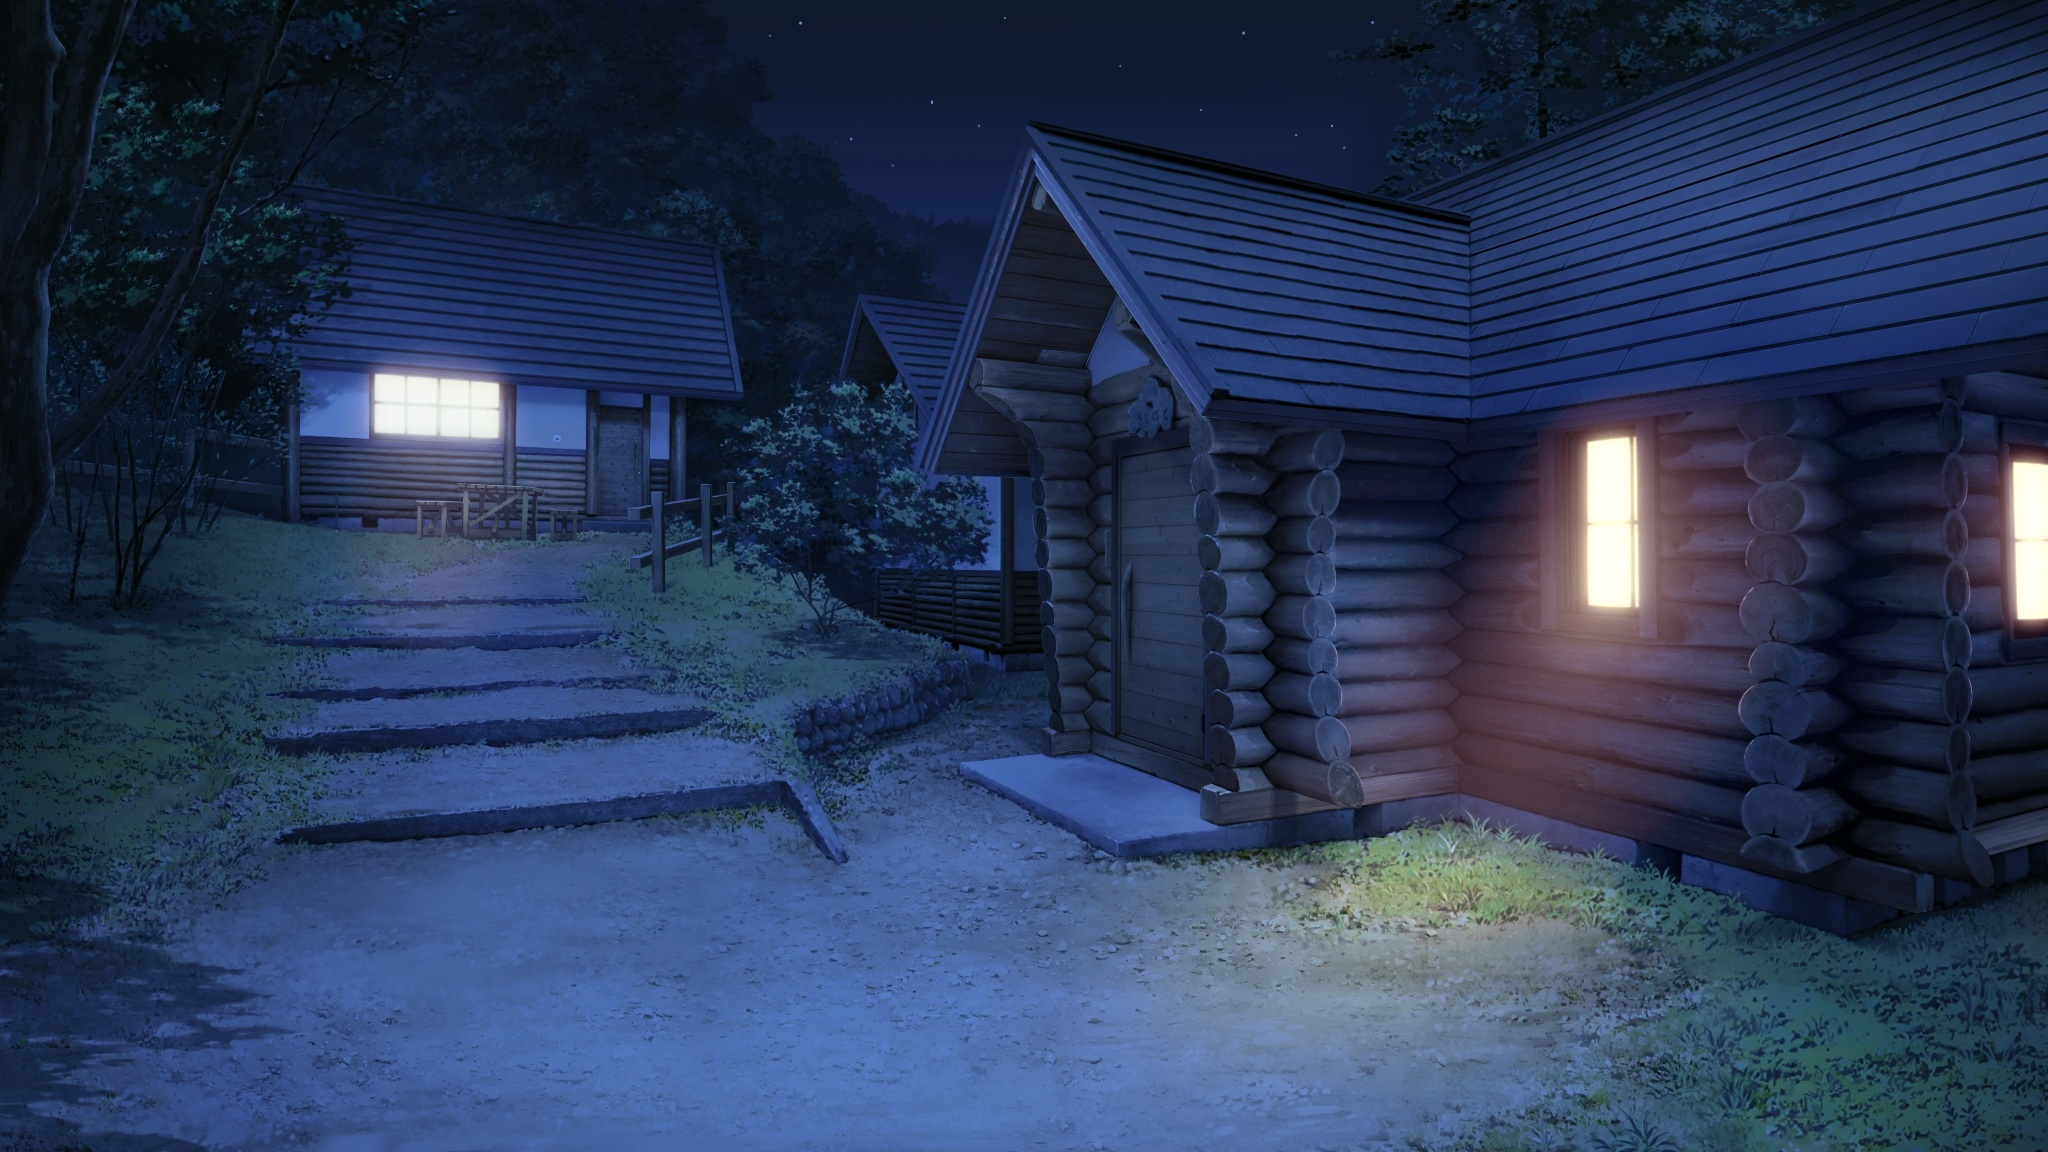 koiken otome night nobody scenic tree wallpaper